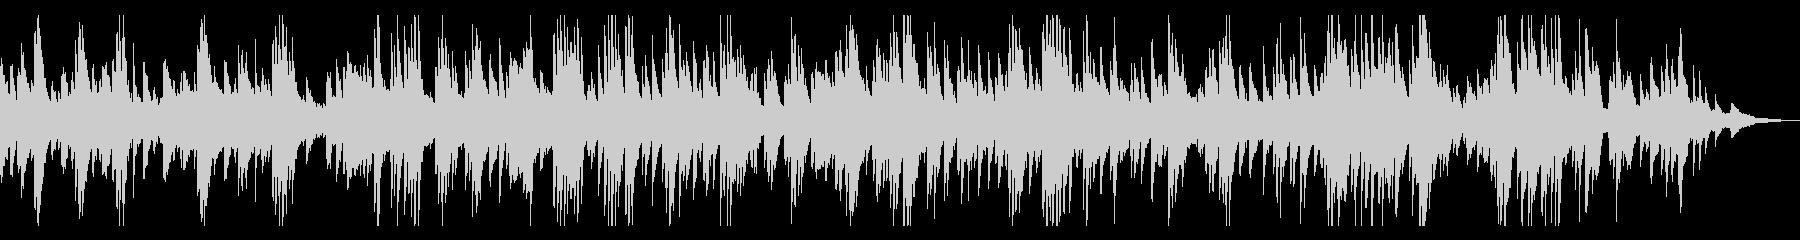 ギター&ピアノ ゆったりラウンジBGMの未再生の波形